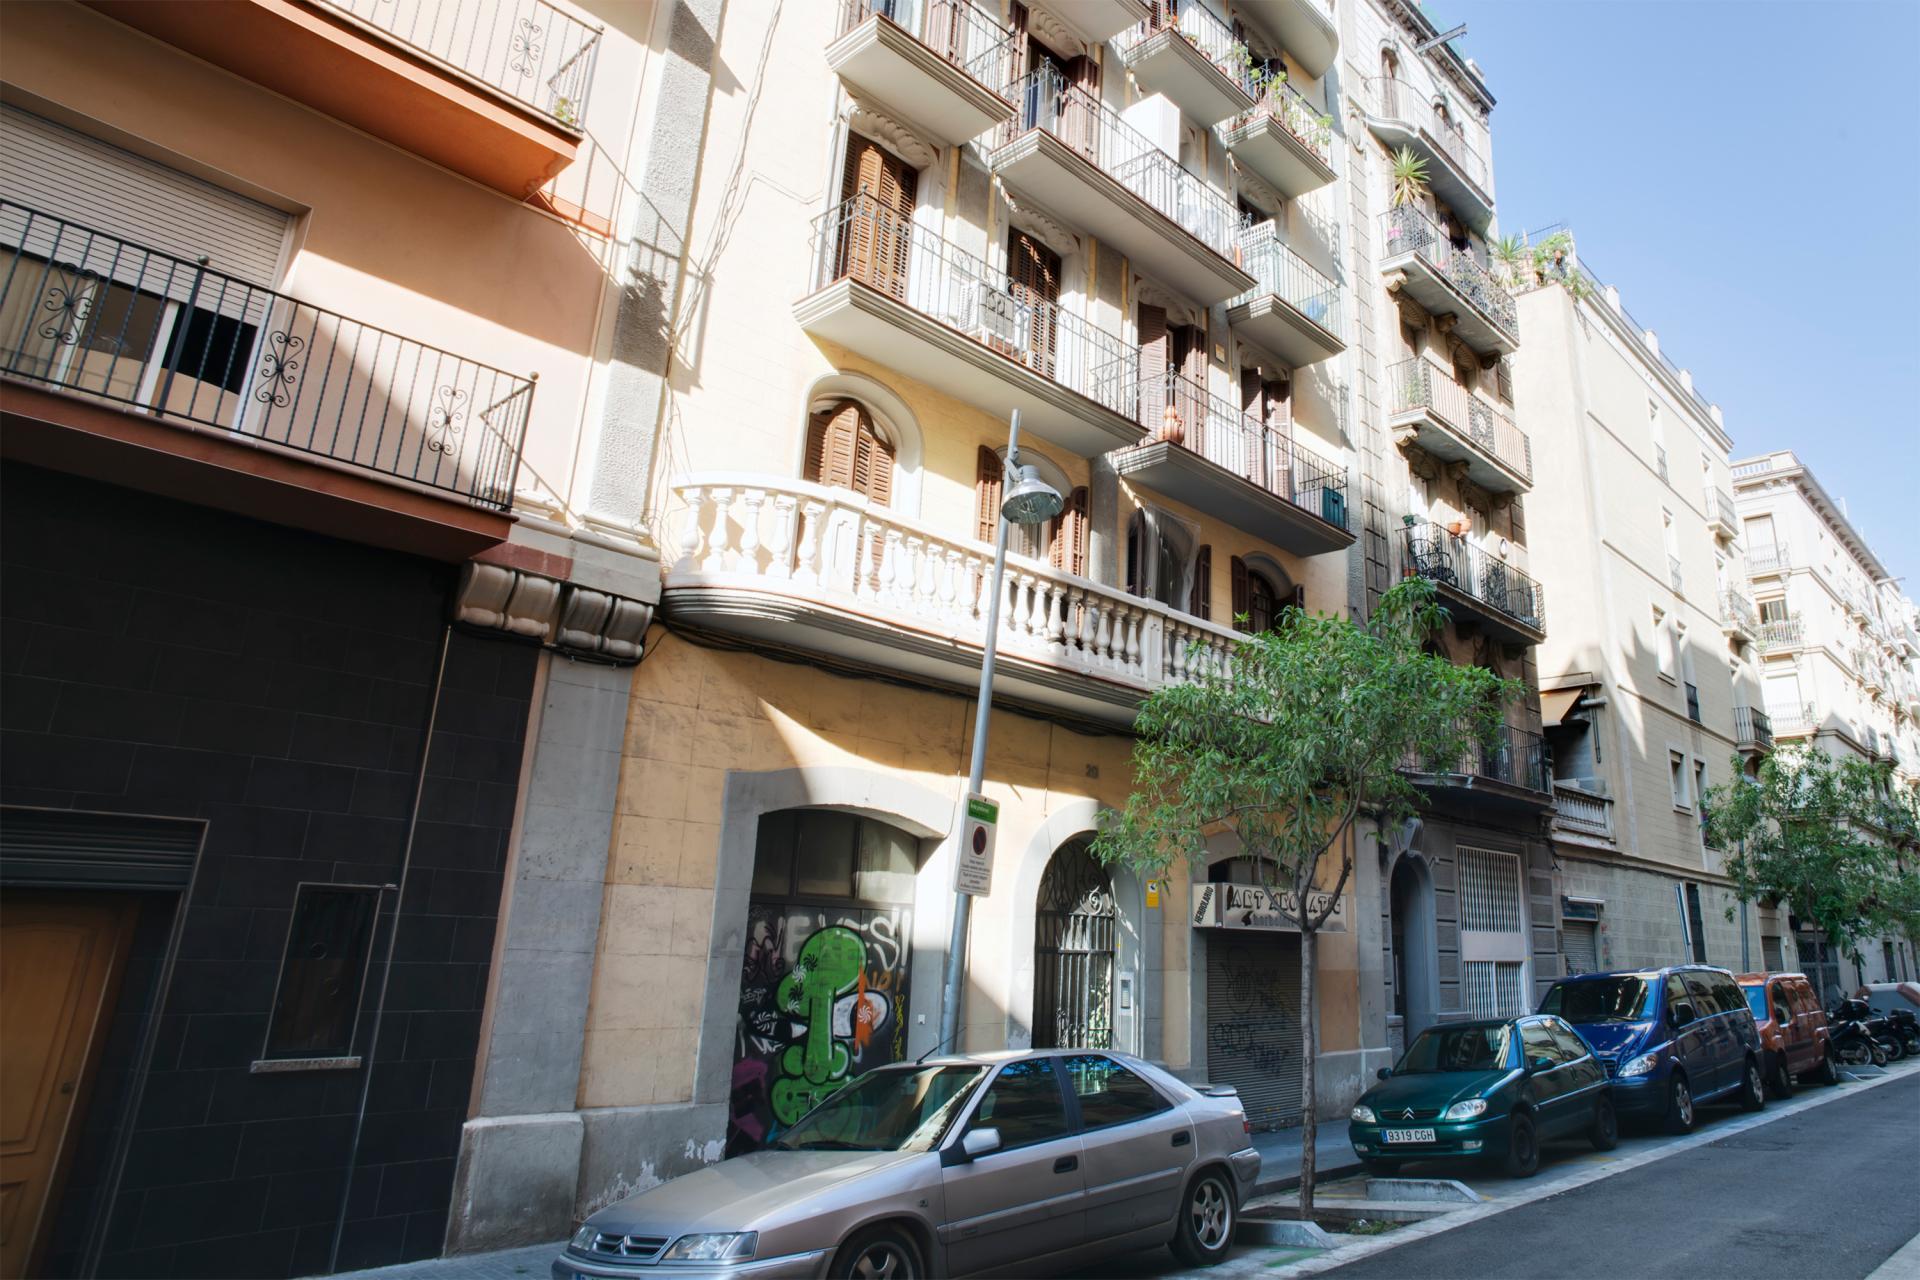 Shbarcelona appartement louer poble sec barcelone for Location appartement design barcelone